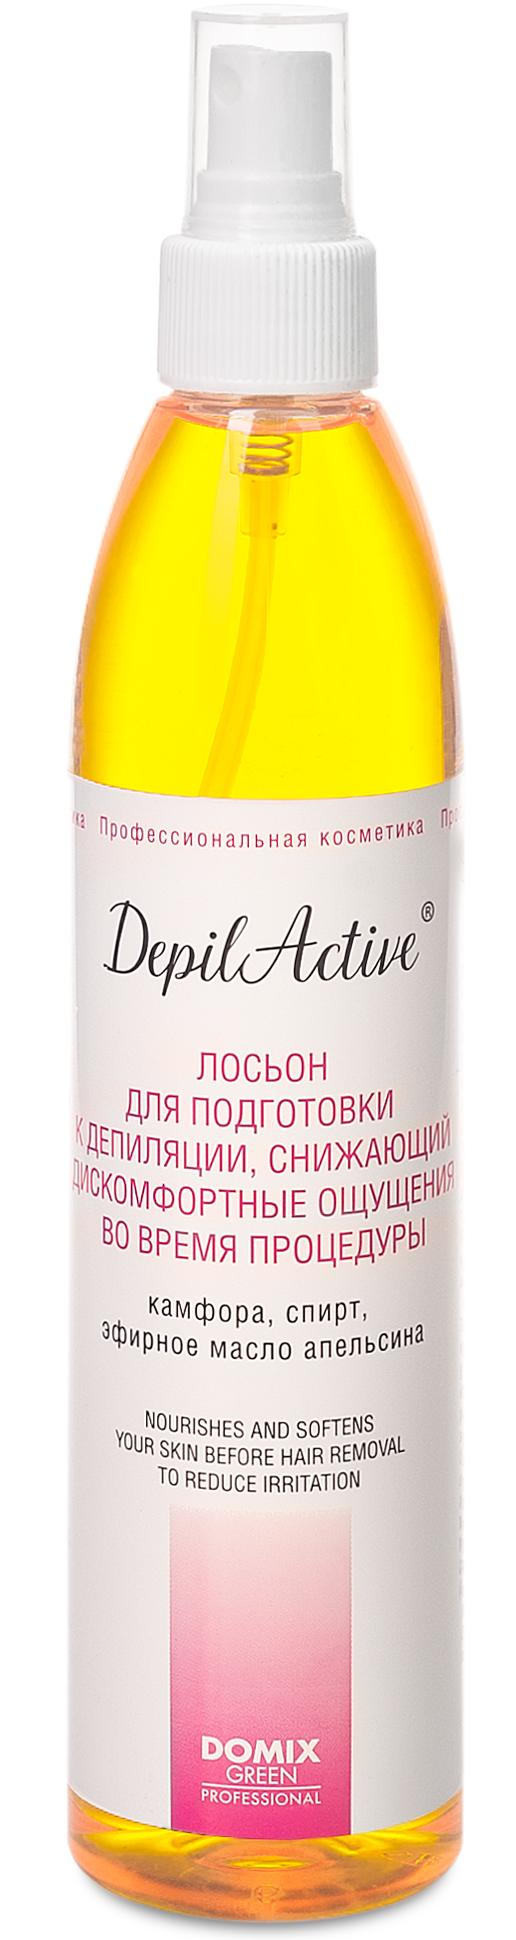 DOMIX Лосьон для подготовки к депиляции, снижающий дискомфортные ощущения во время процедуры / Depil Active 320 мл